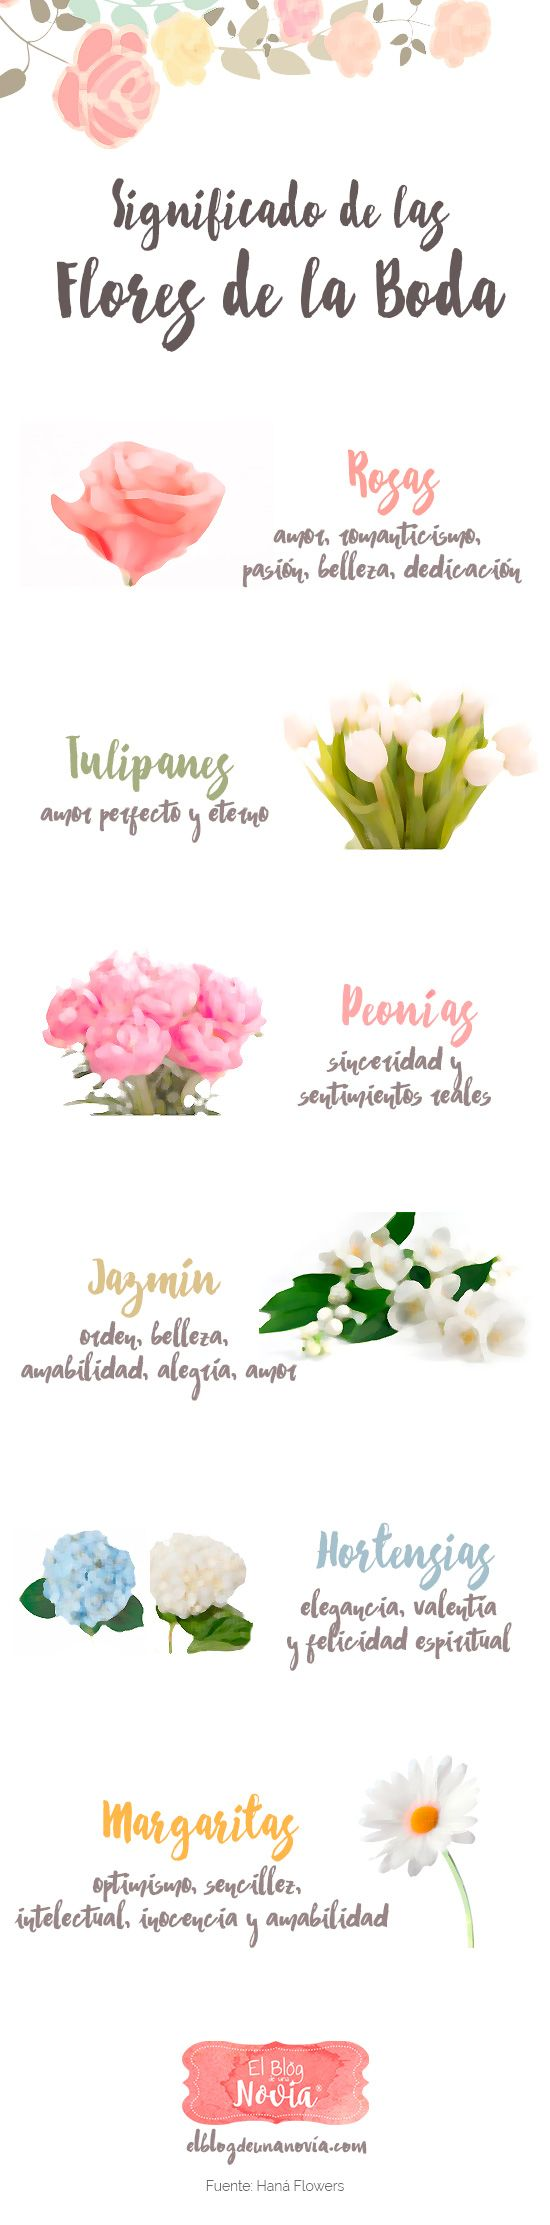 Significado de Flores para la Boda | El Blog de una Novia